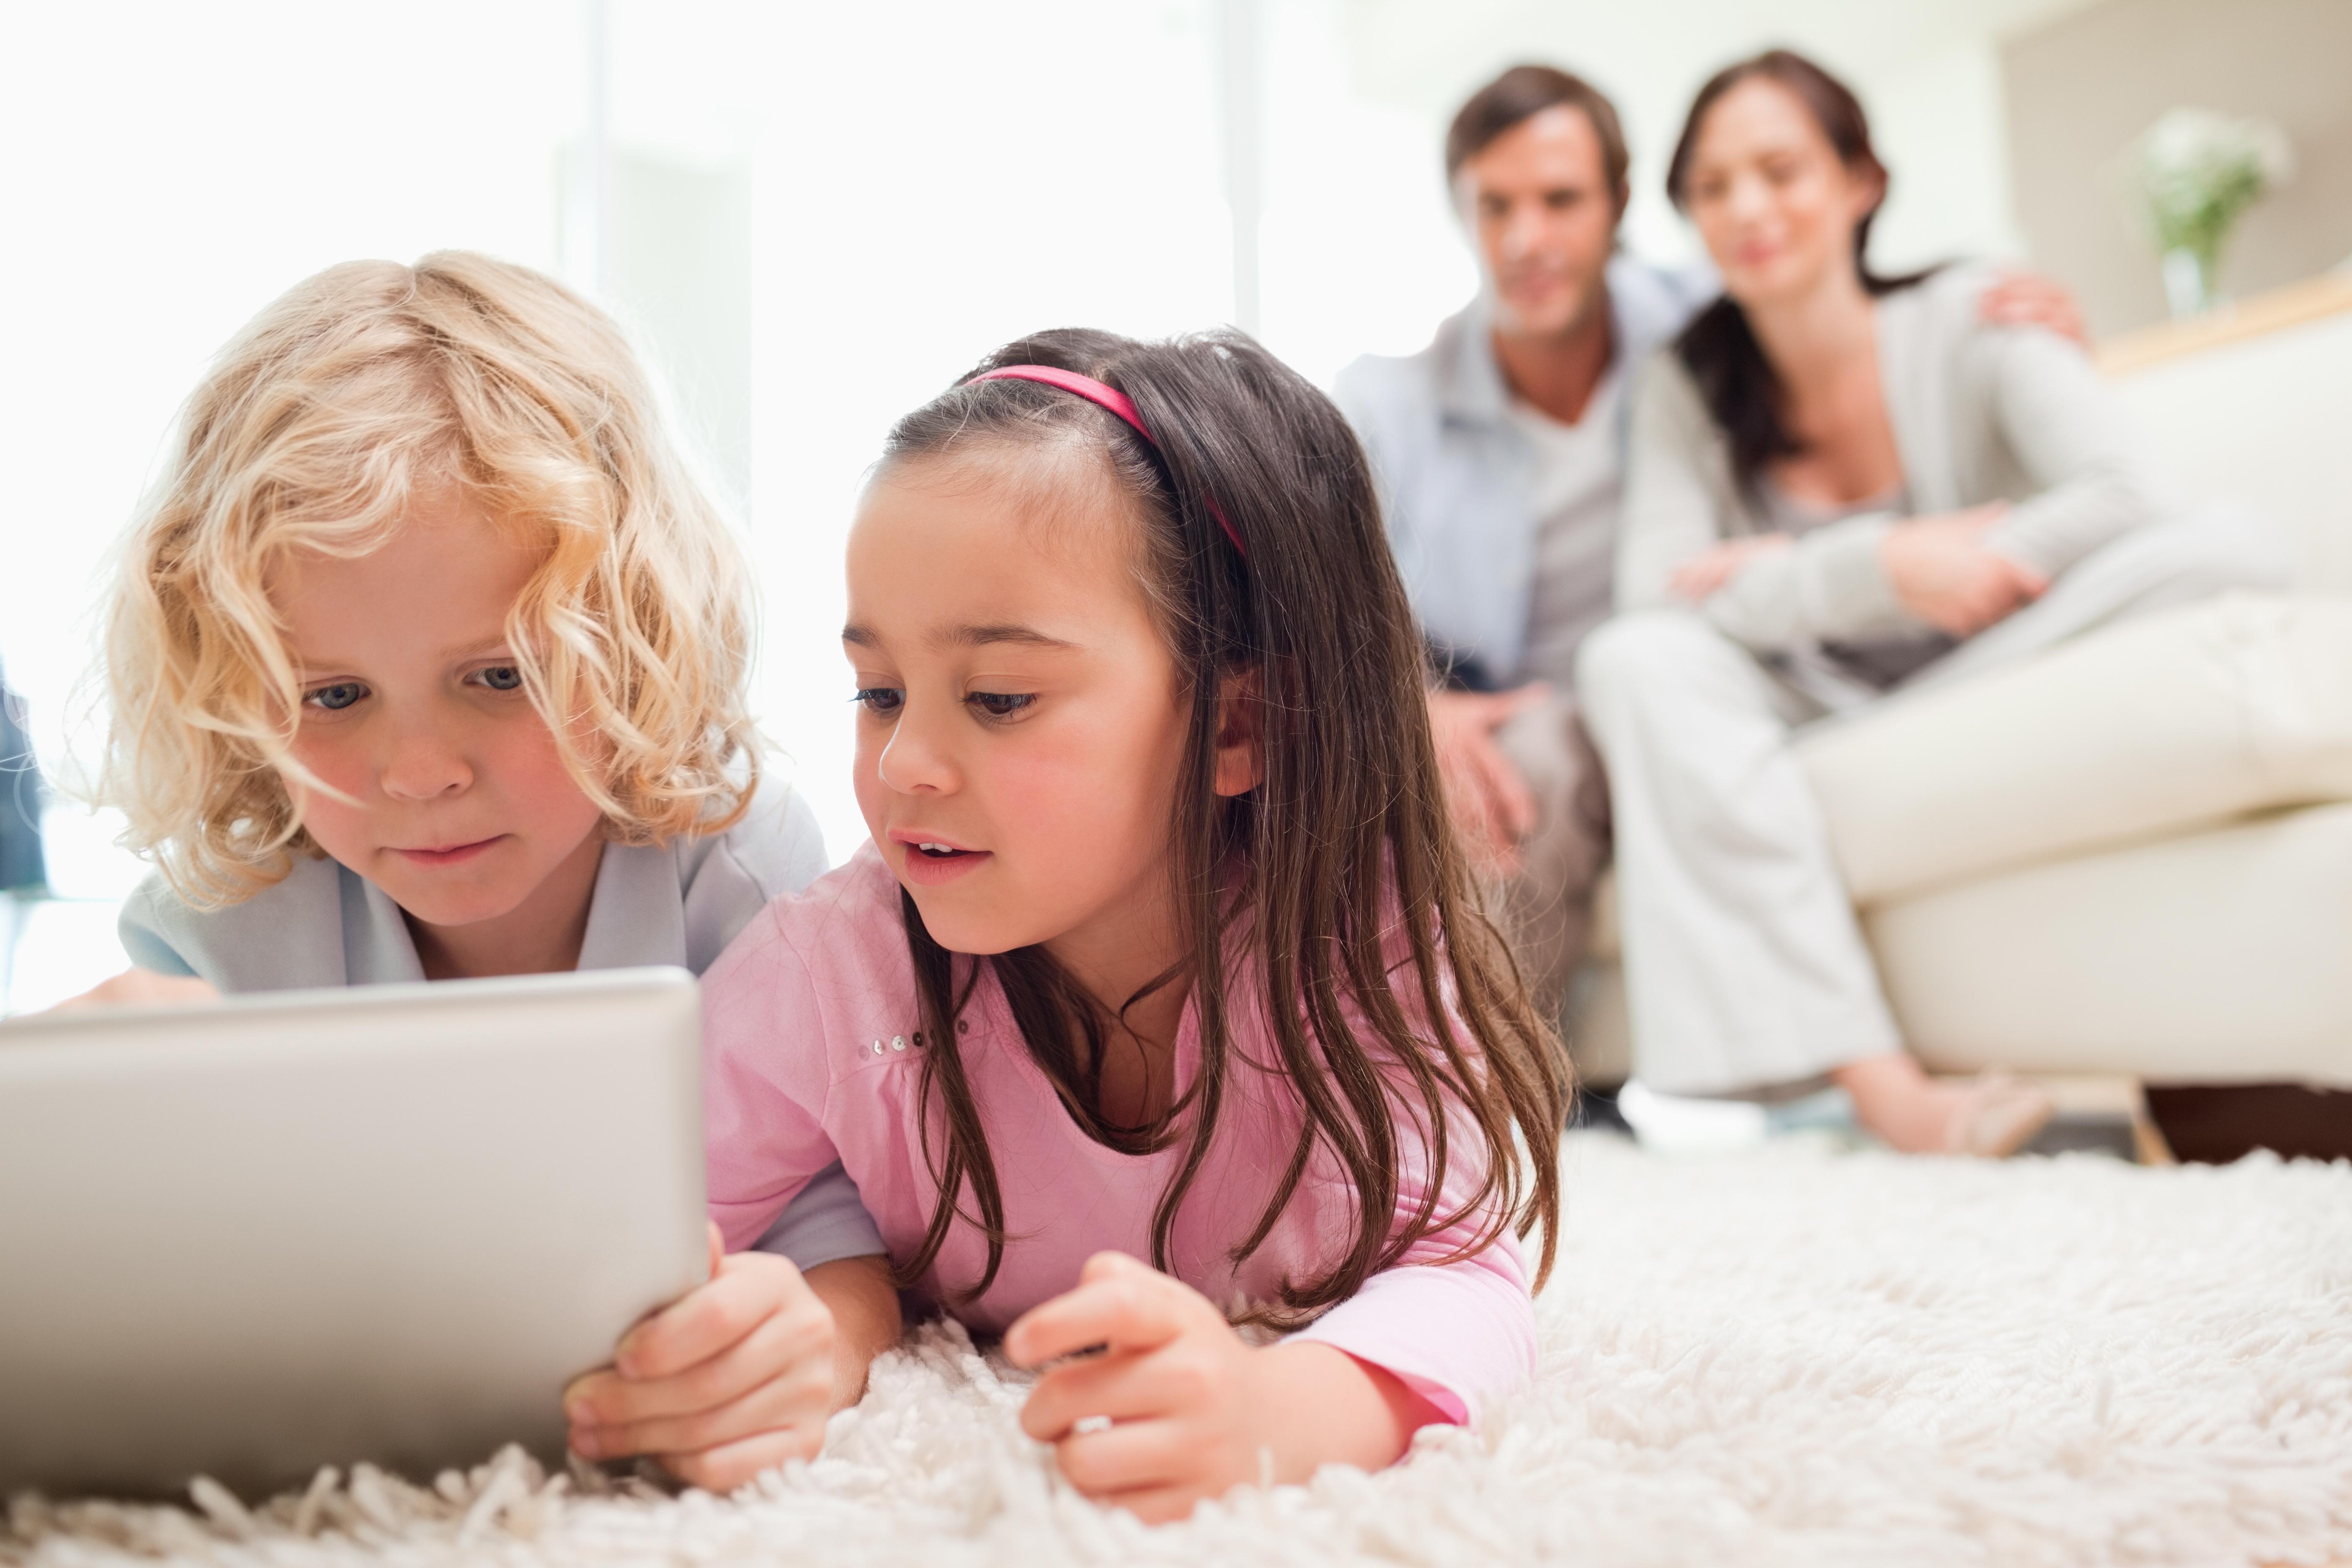 Жесткое порно в домашних видео роликах смотреть